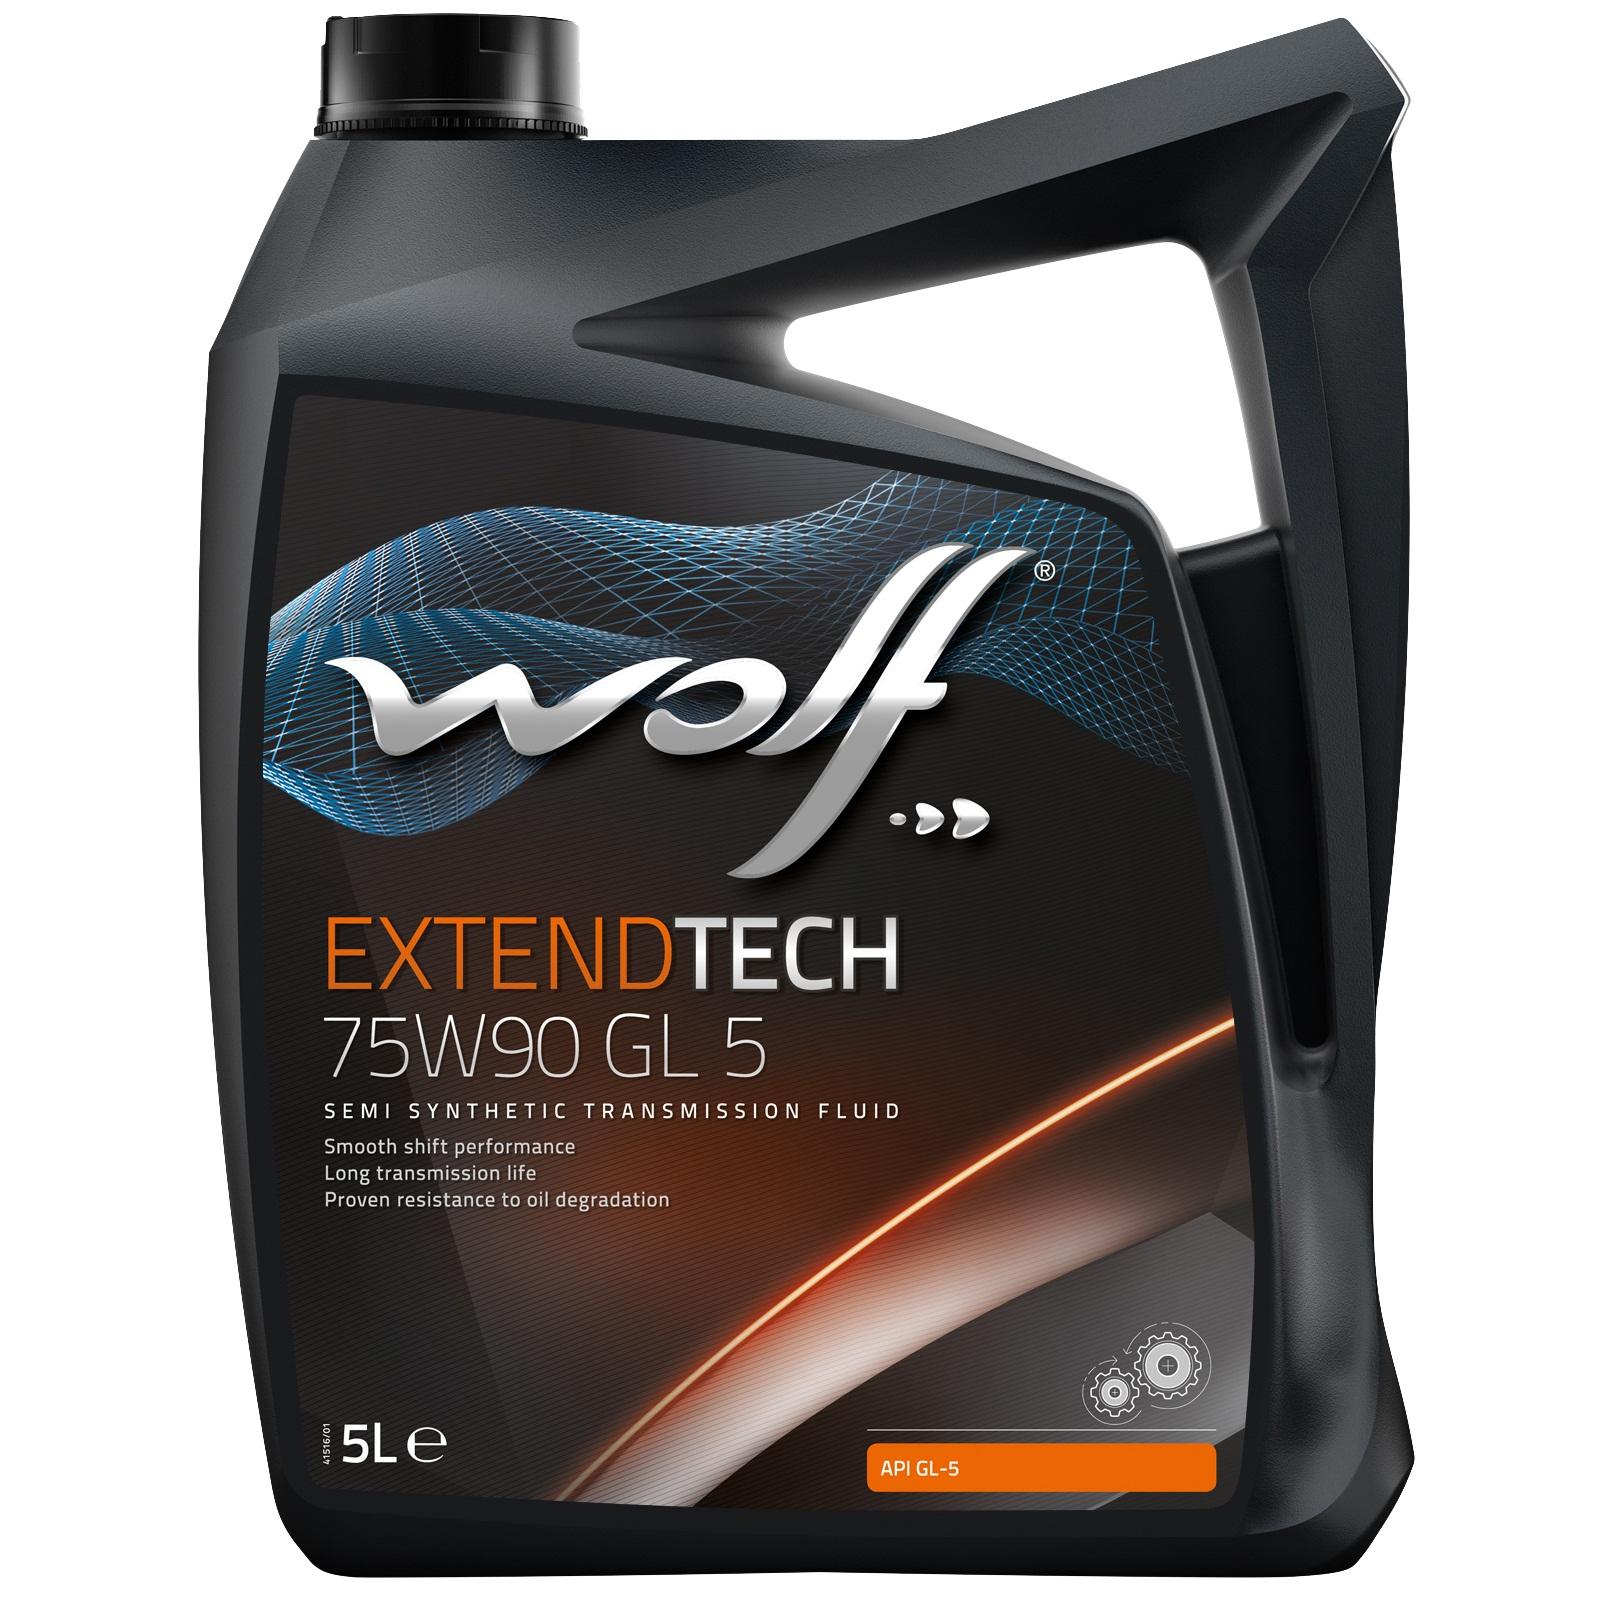 Ulei pentru cutie viteze manuala Wolf Extendtech GL 5 75W90 5L